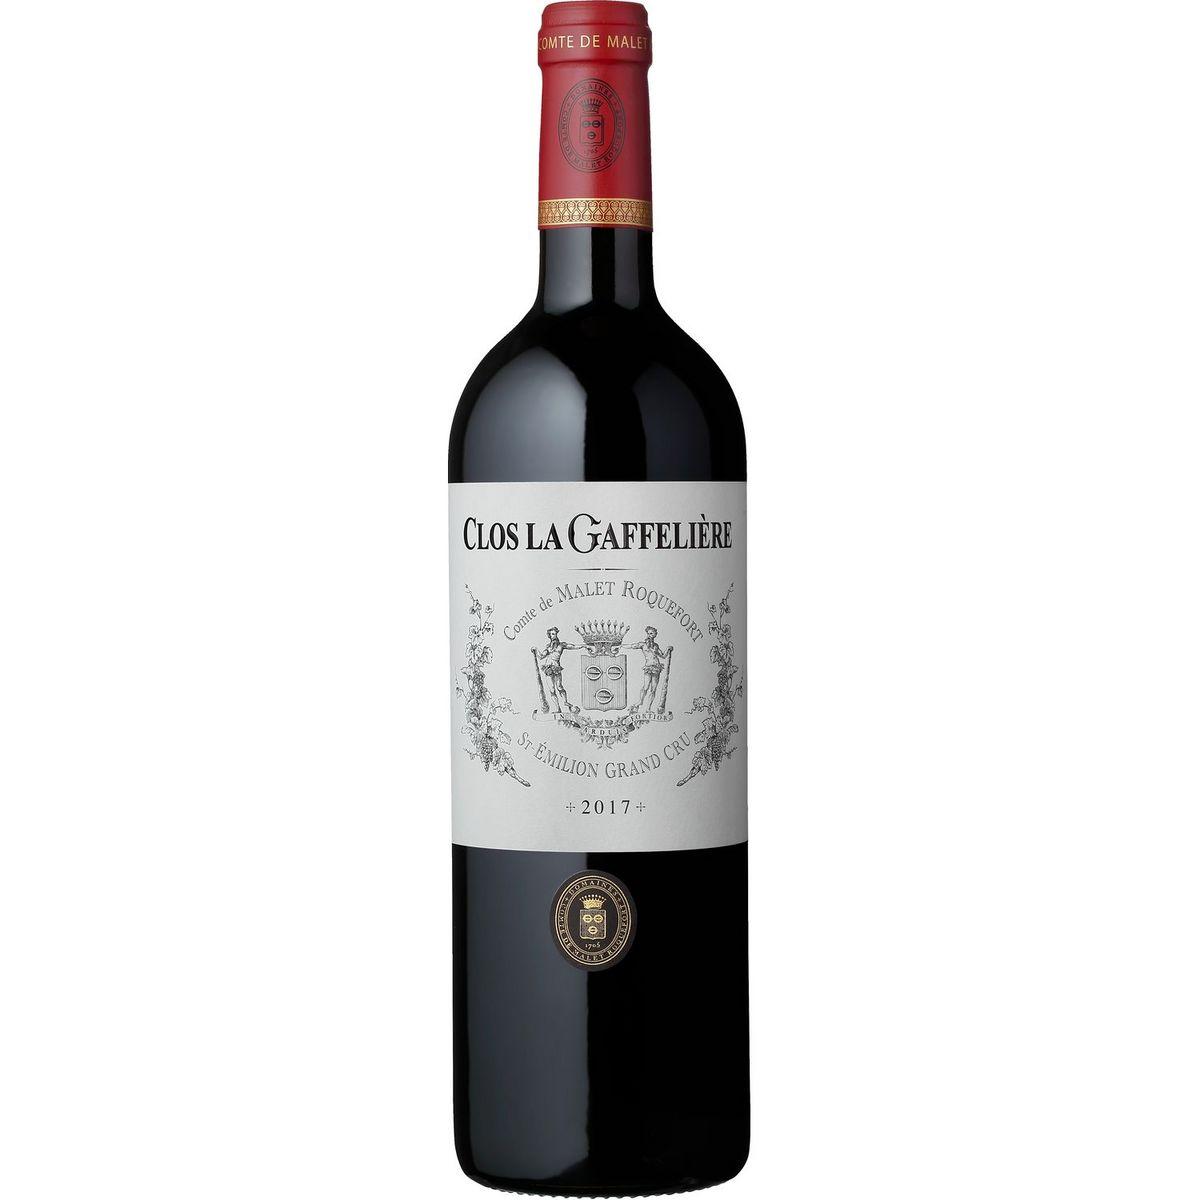 AOP Saint Eimlion Grand Cru Clos Lagaffelière rouge 2017